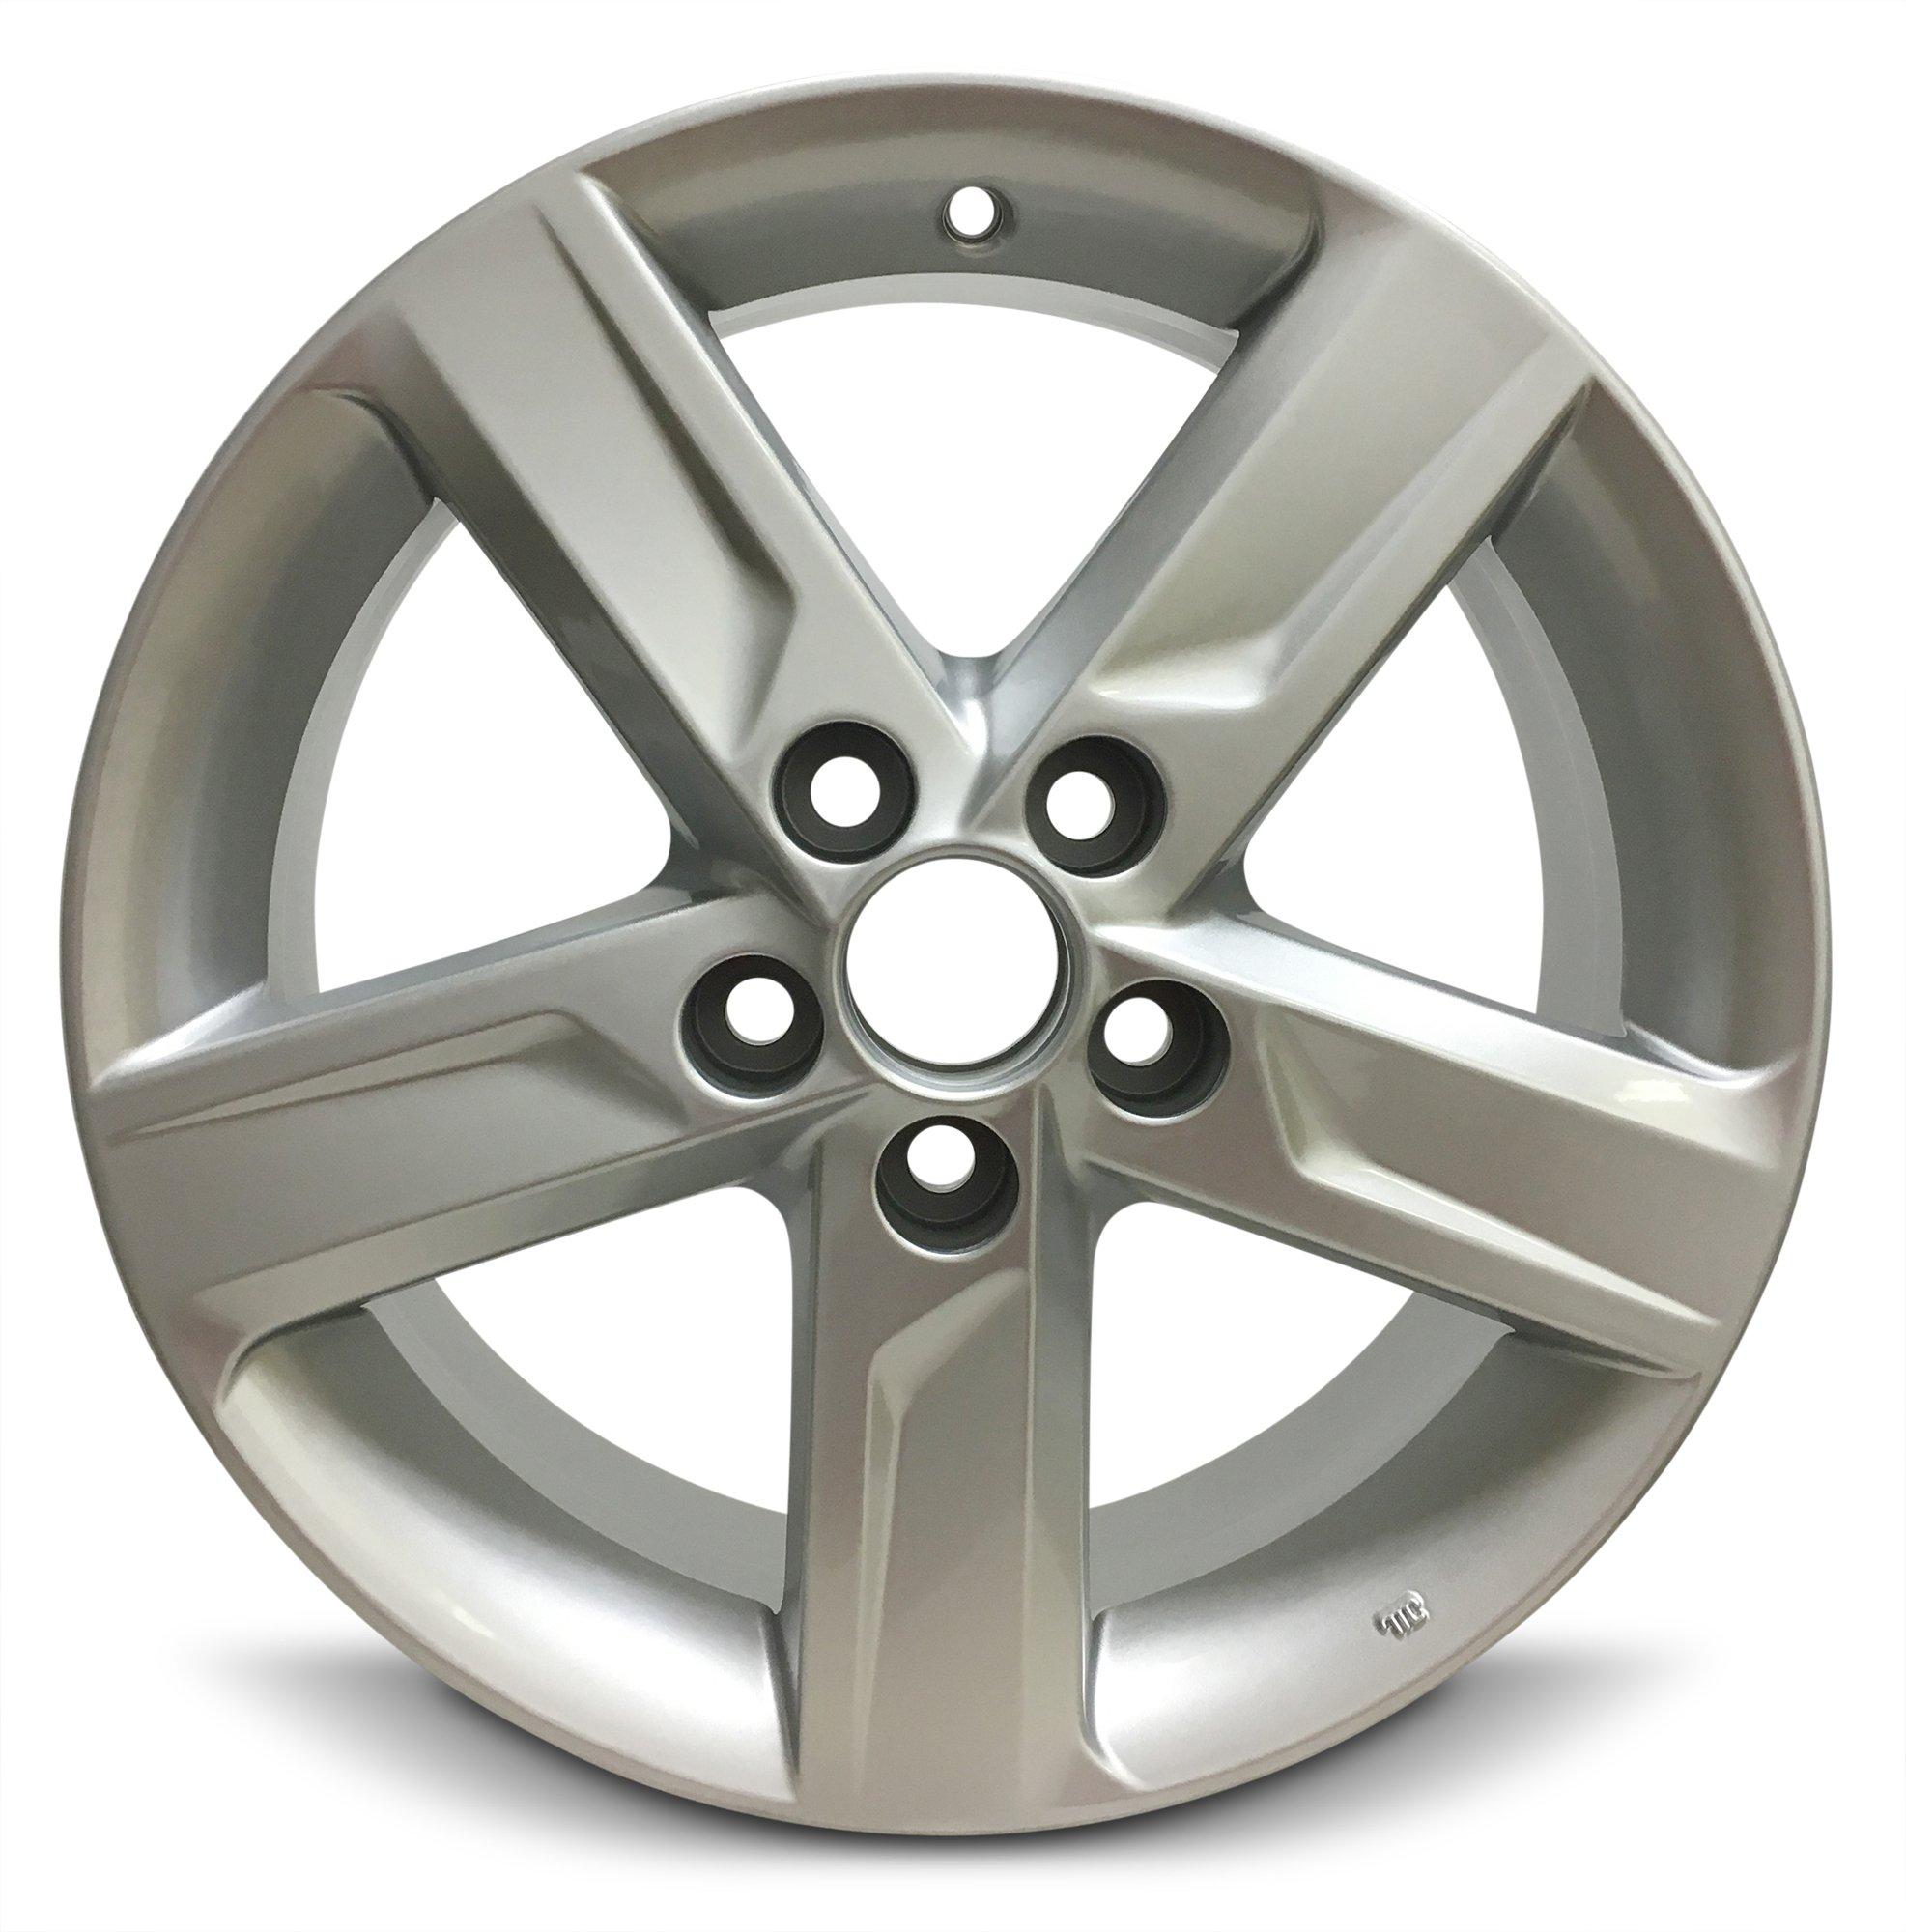 Toyota Camry 17 Inch 5 Lug 5 Spoke Alloy Rim/17x7 5-114.3 Alloy Wheel